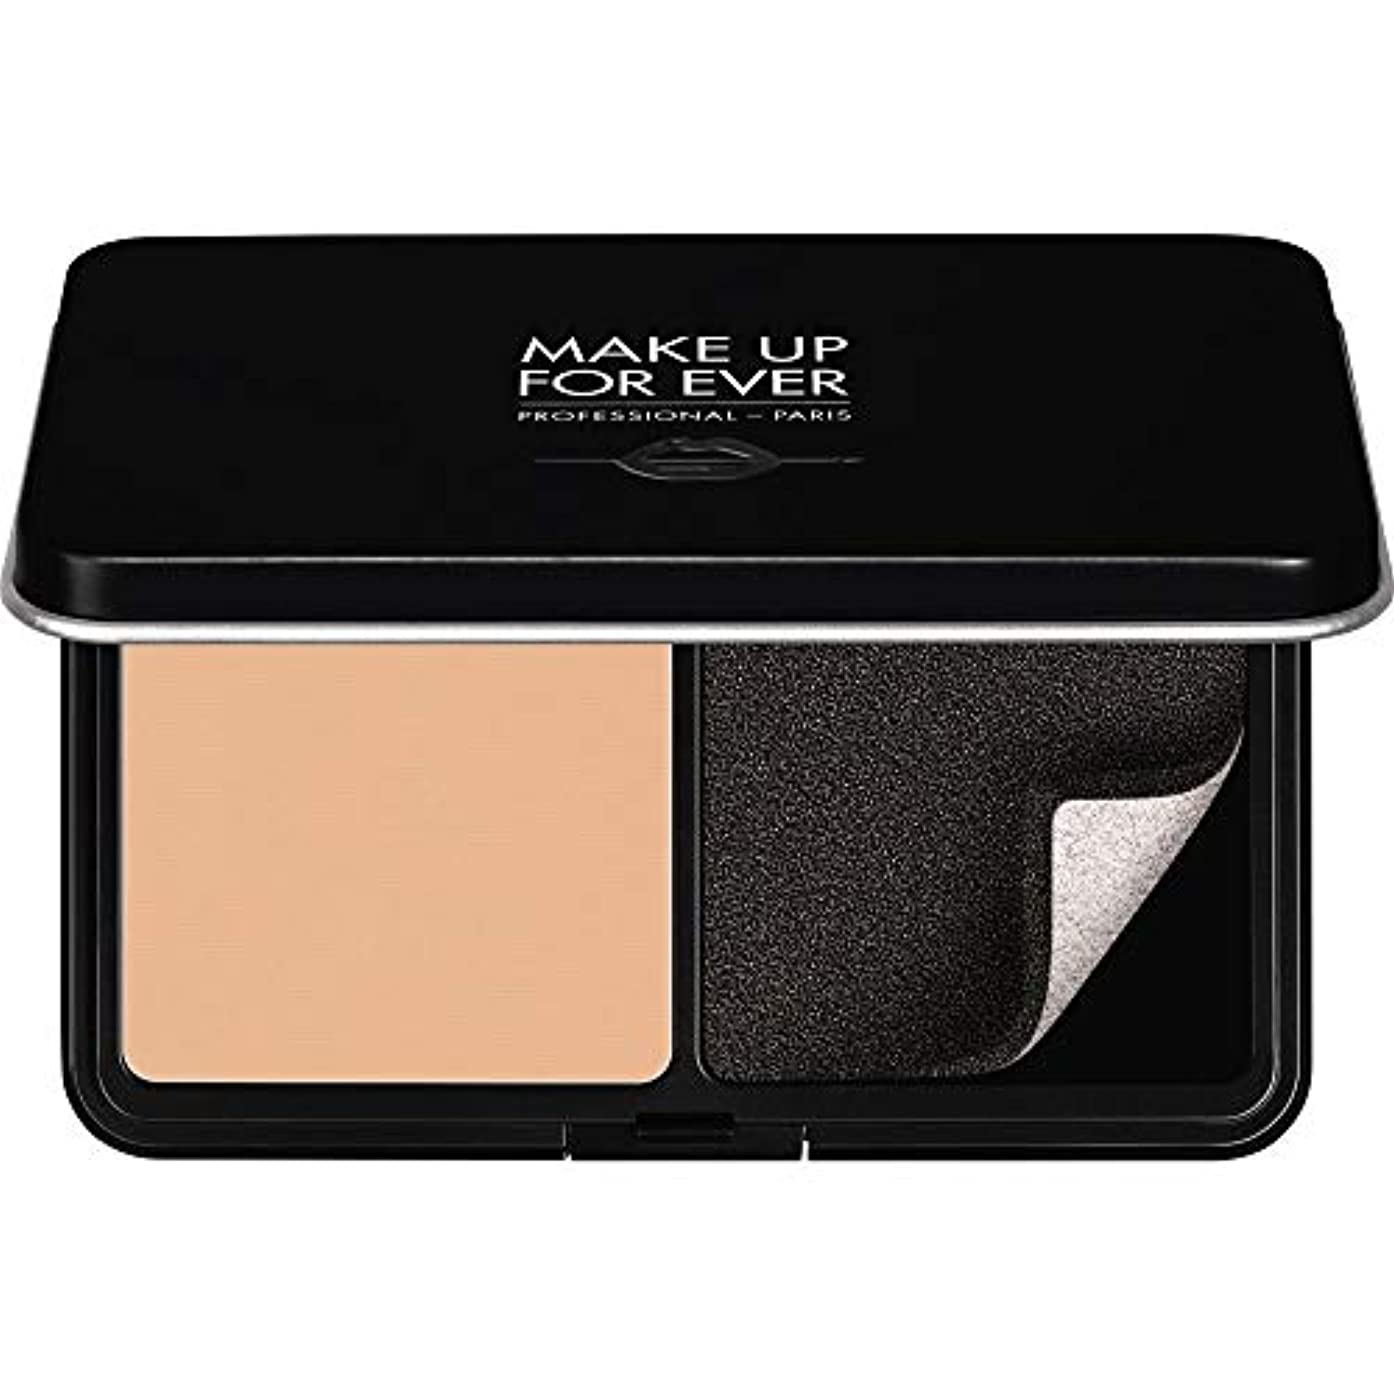 飲食店硬さ改善する[MAKE UP FOR EVER ] パウダーファンデーション11GののR230をぼかし、これまでマットベルベットの肌を補う - アイボリー - MAKE UP FOR EVER Matte Velvet Skin Blurring...